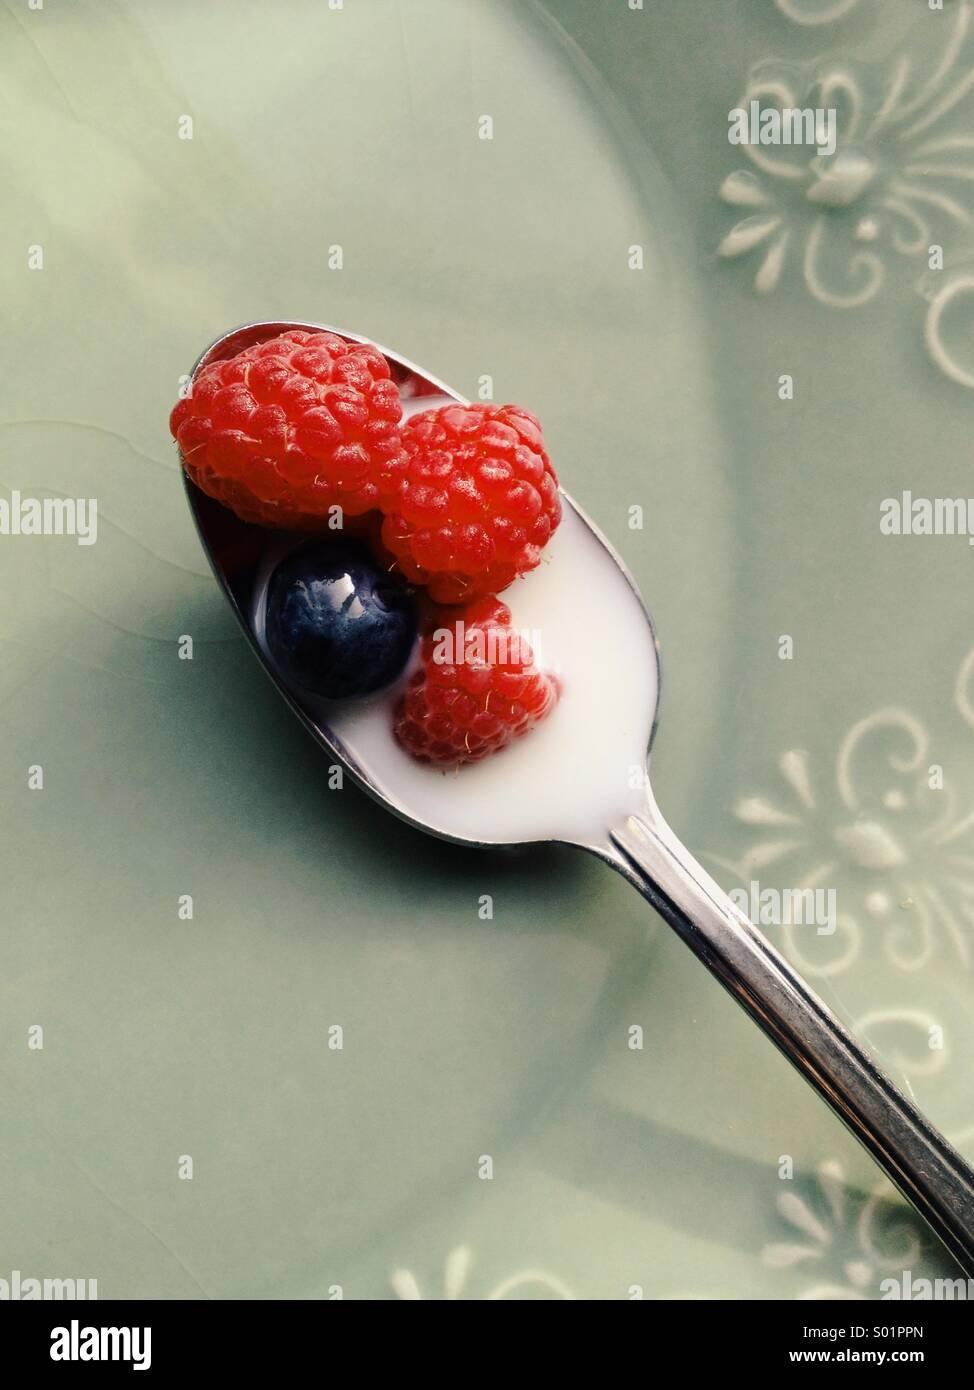 Cucchiaio con frutti di bosco e latte Immagini Stock